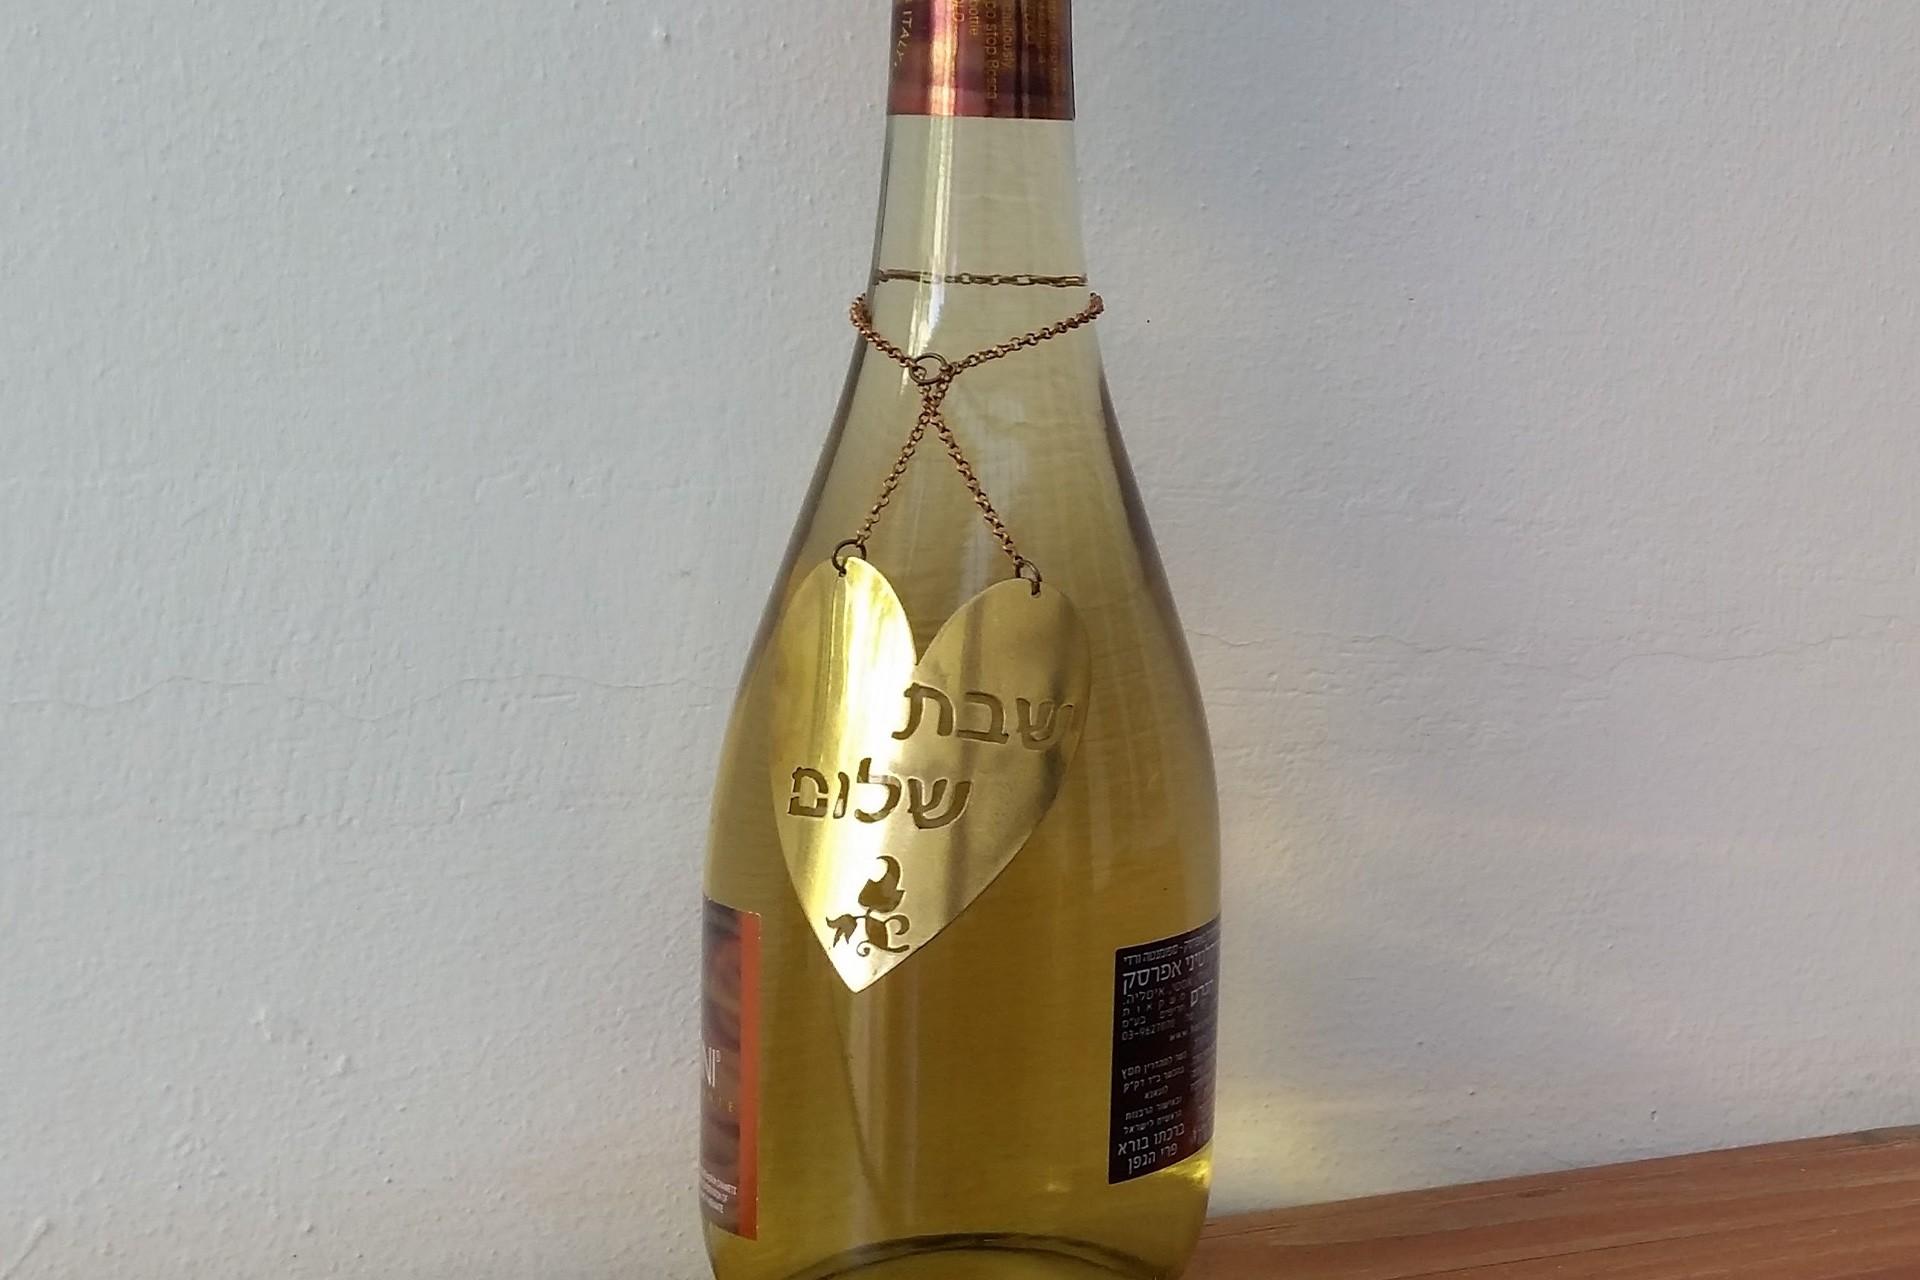 שבת שלום קישוט לבקבוקי יין